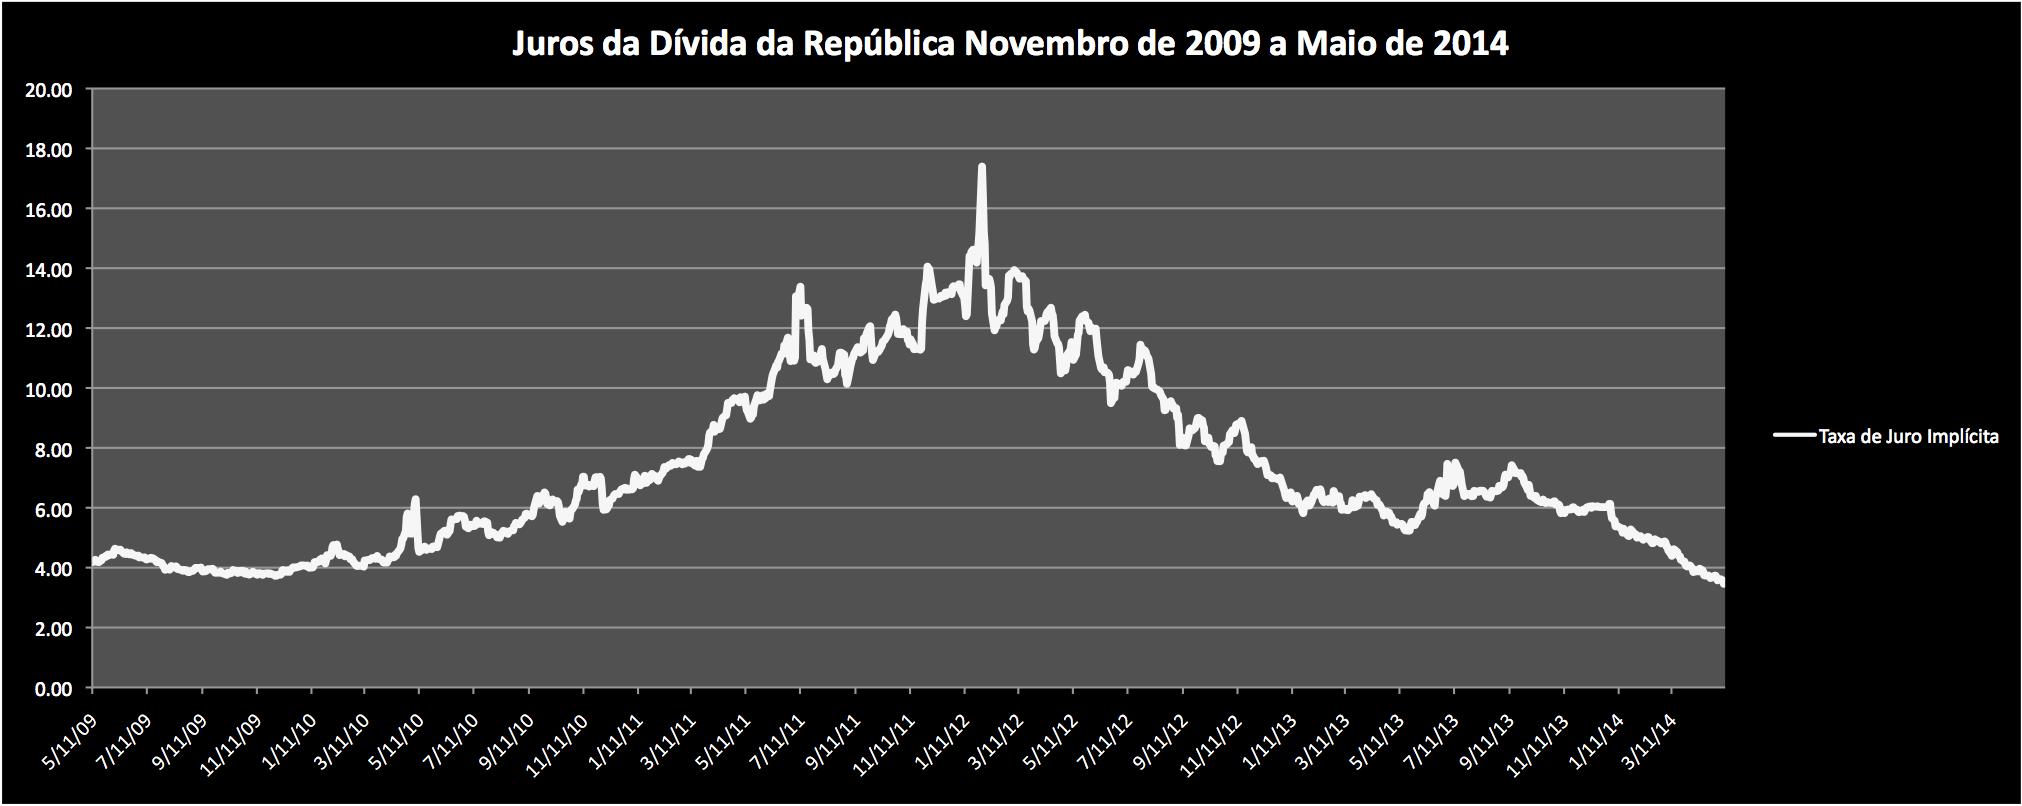 Uma história de dois mundos: os juros da dívida pública e as agências de rating